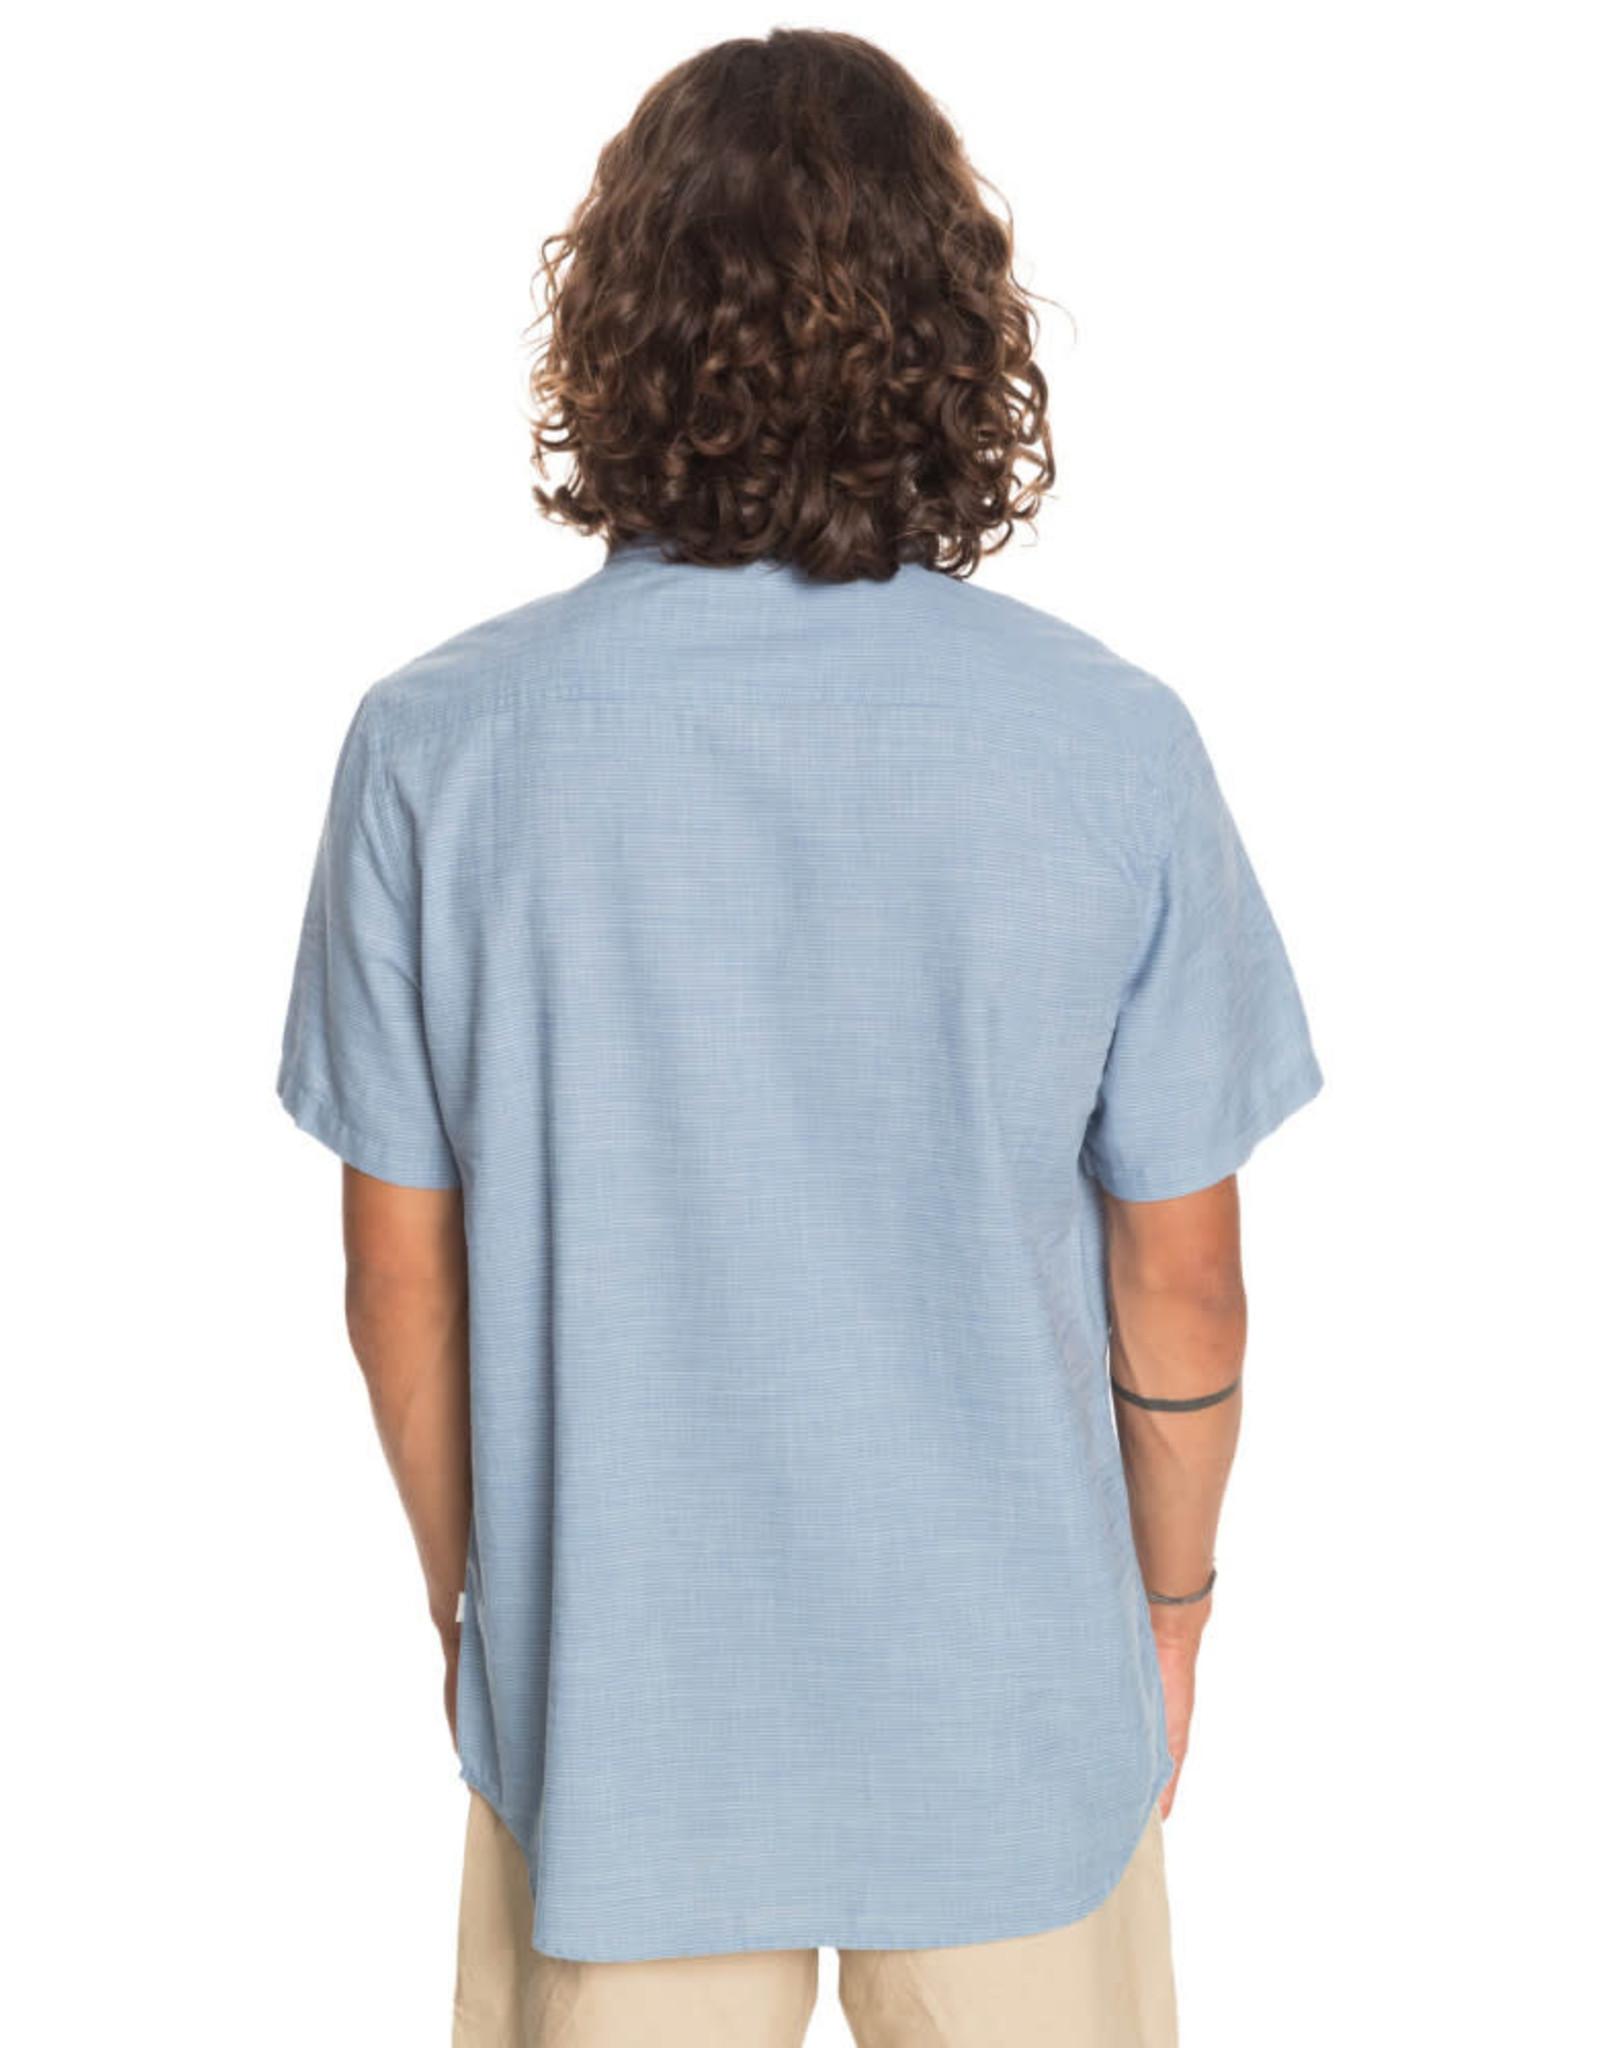 QUIKSILVER Firefall Short Sleeve Shirt